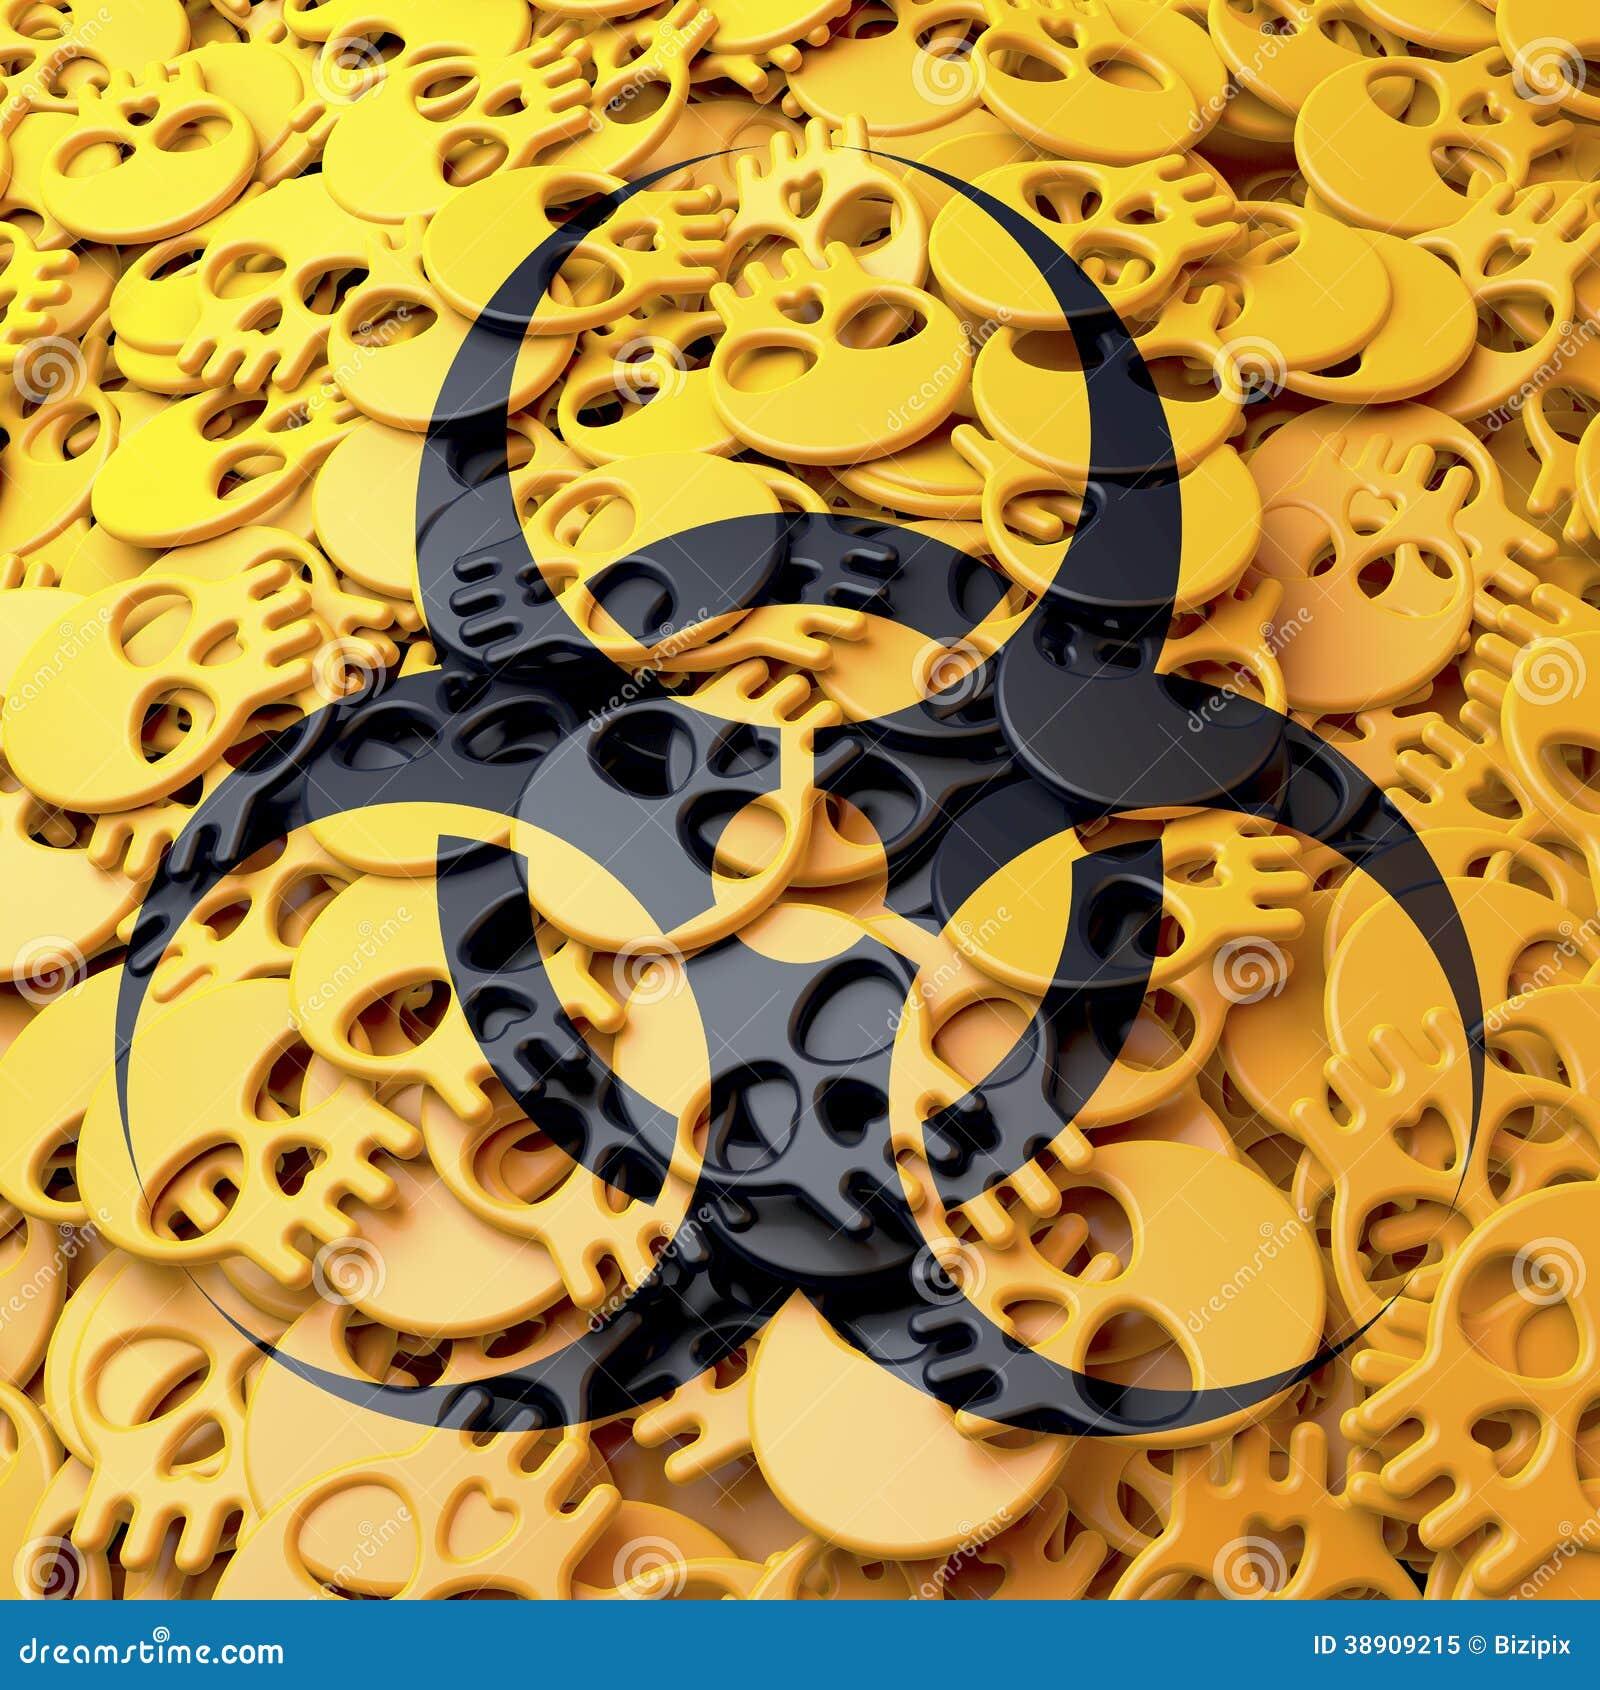 Biohazard предупредительного знака, чернота, желтые черепа